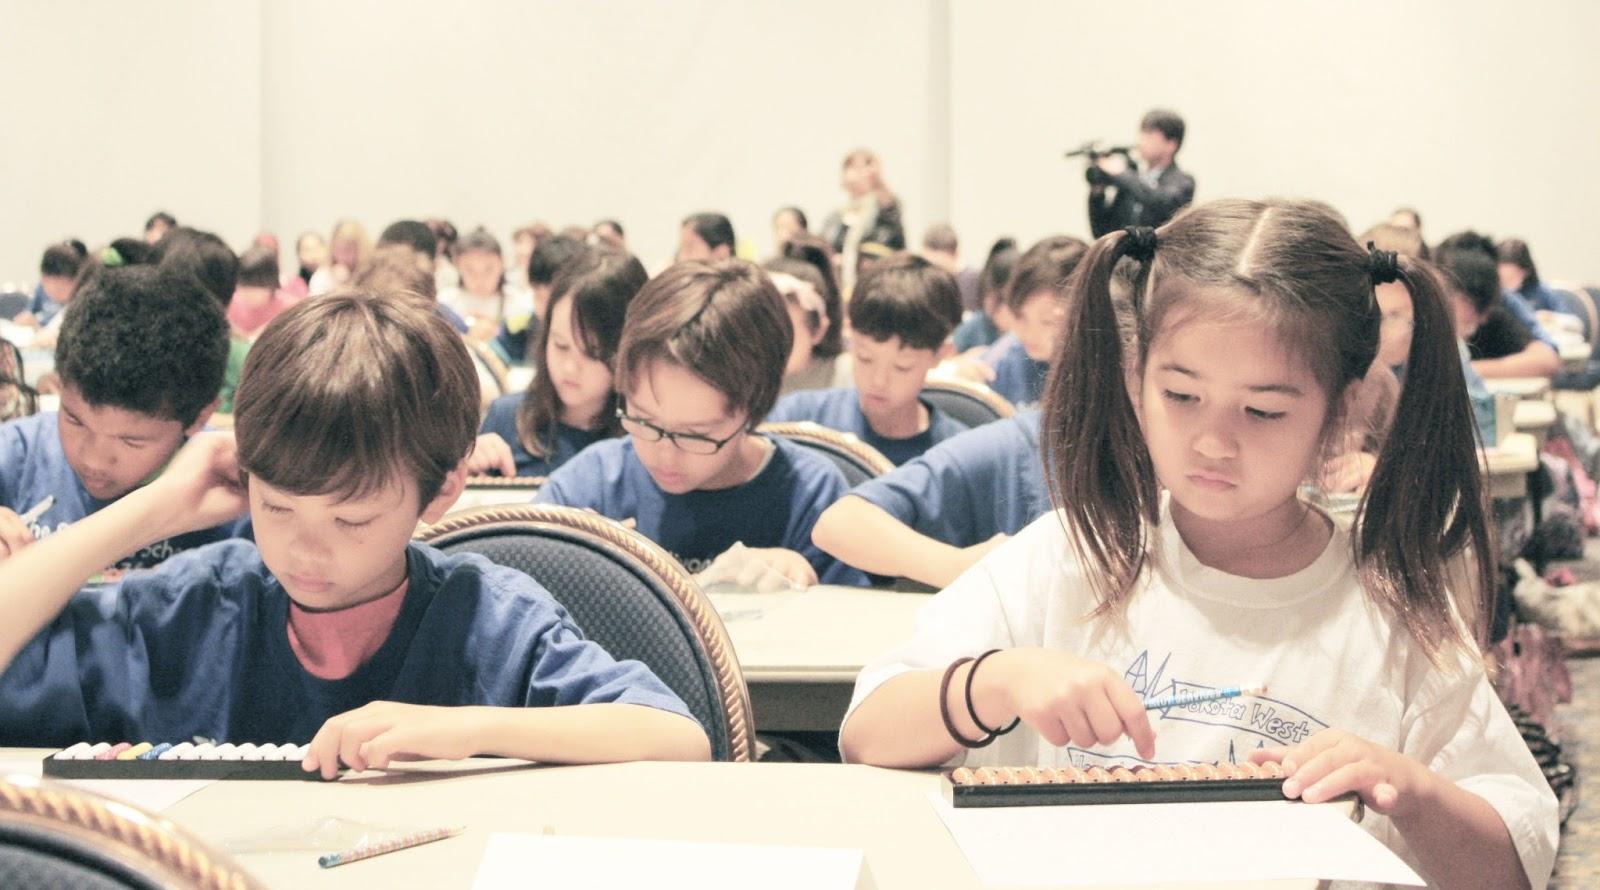 Bài tập toán Soroban - Giúp trẻ có thể vừa tính toán thật nhanh chóng